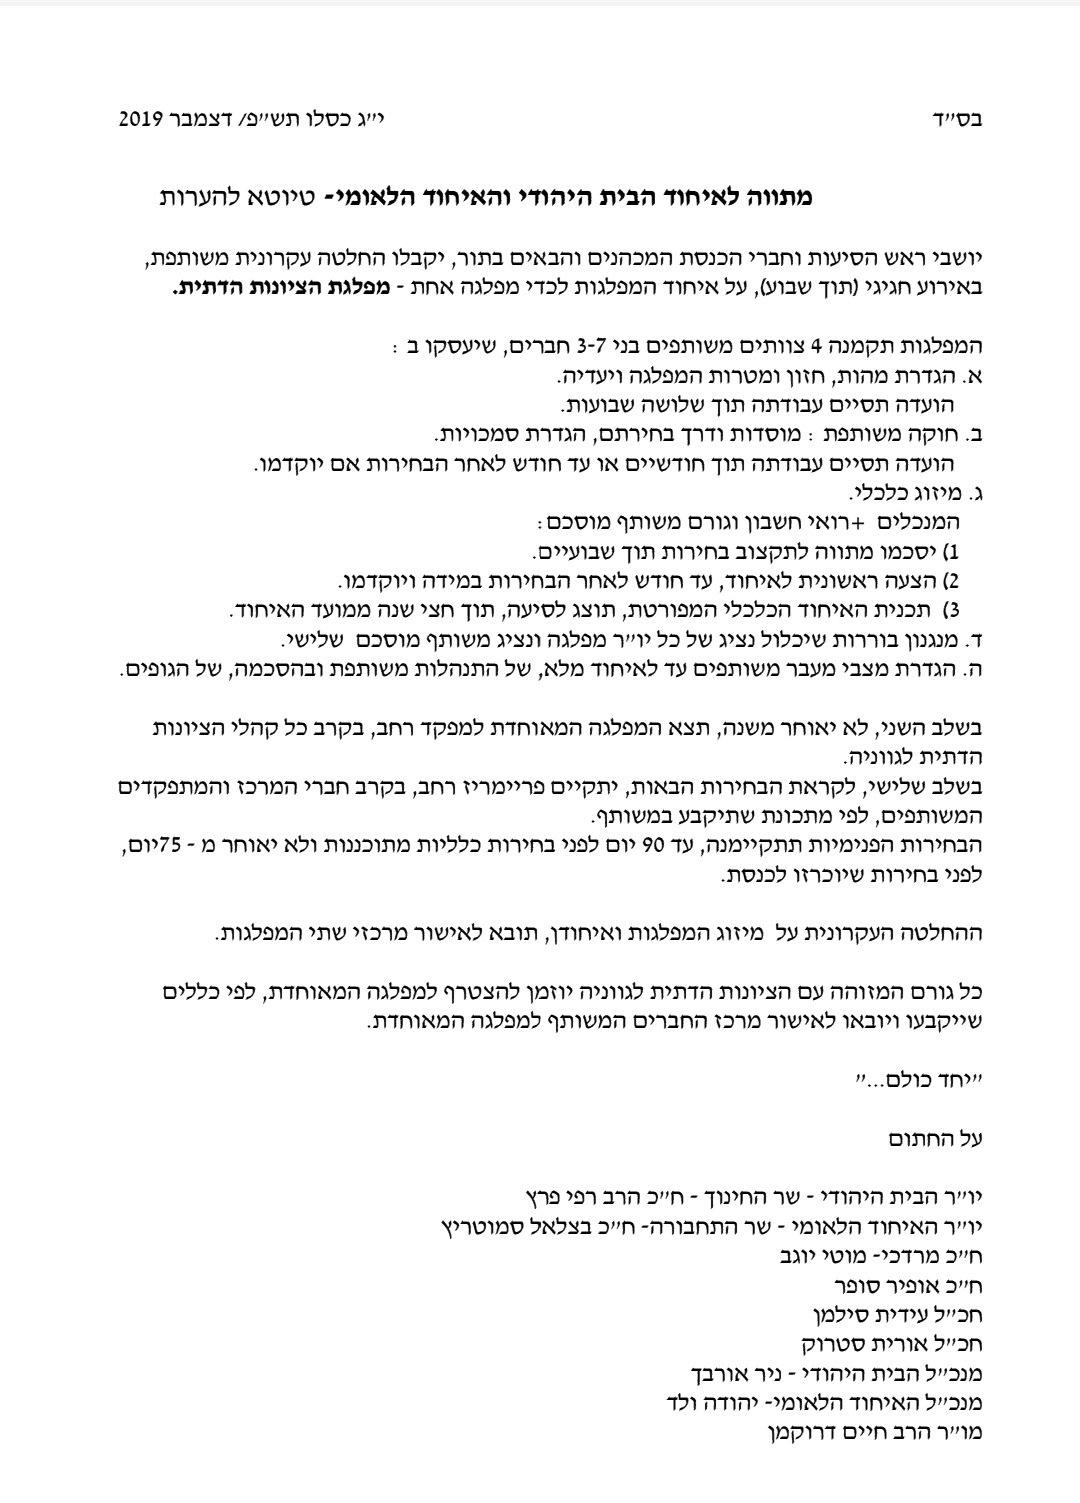 מתווה מוטי יוגב לאיחוד הבית היהודי והאיחוד הלאומי